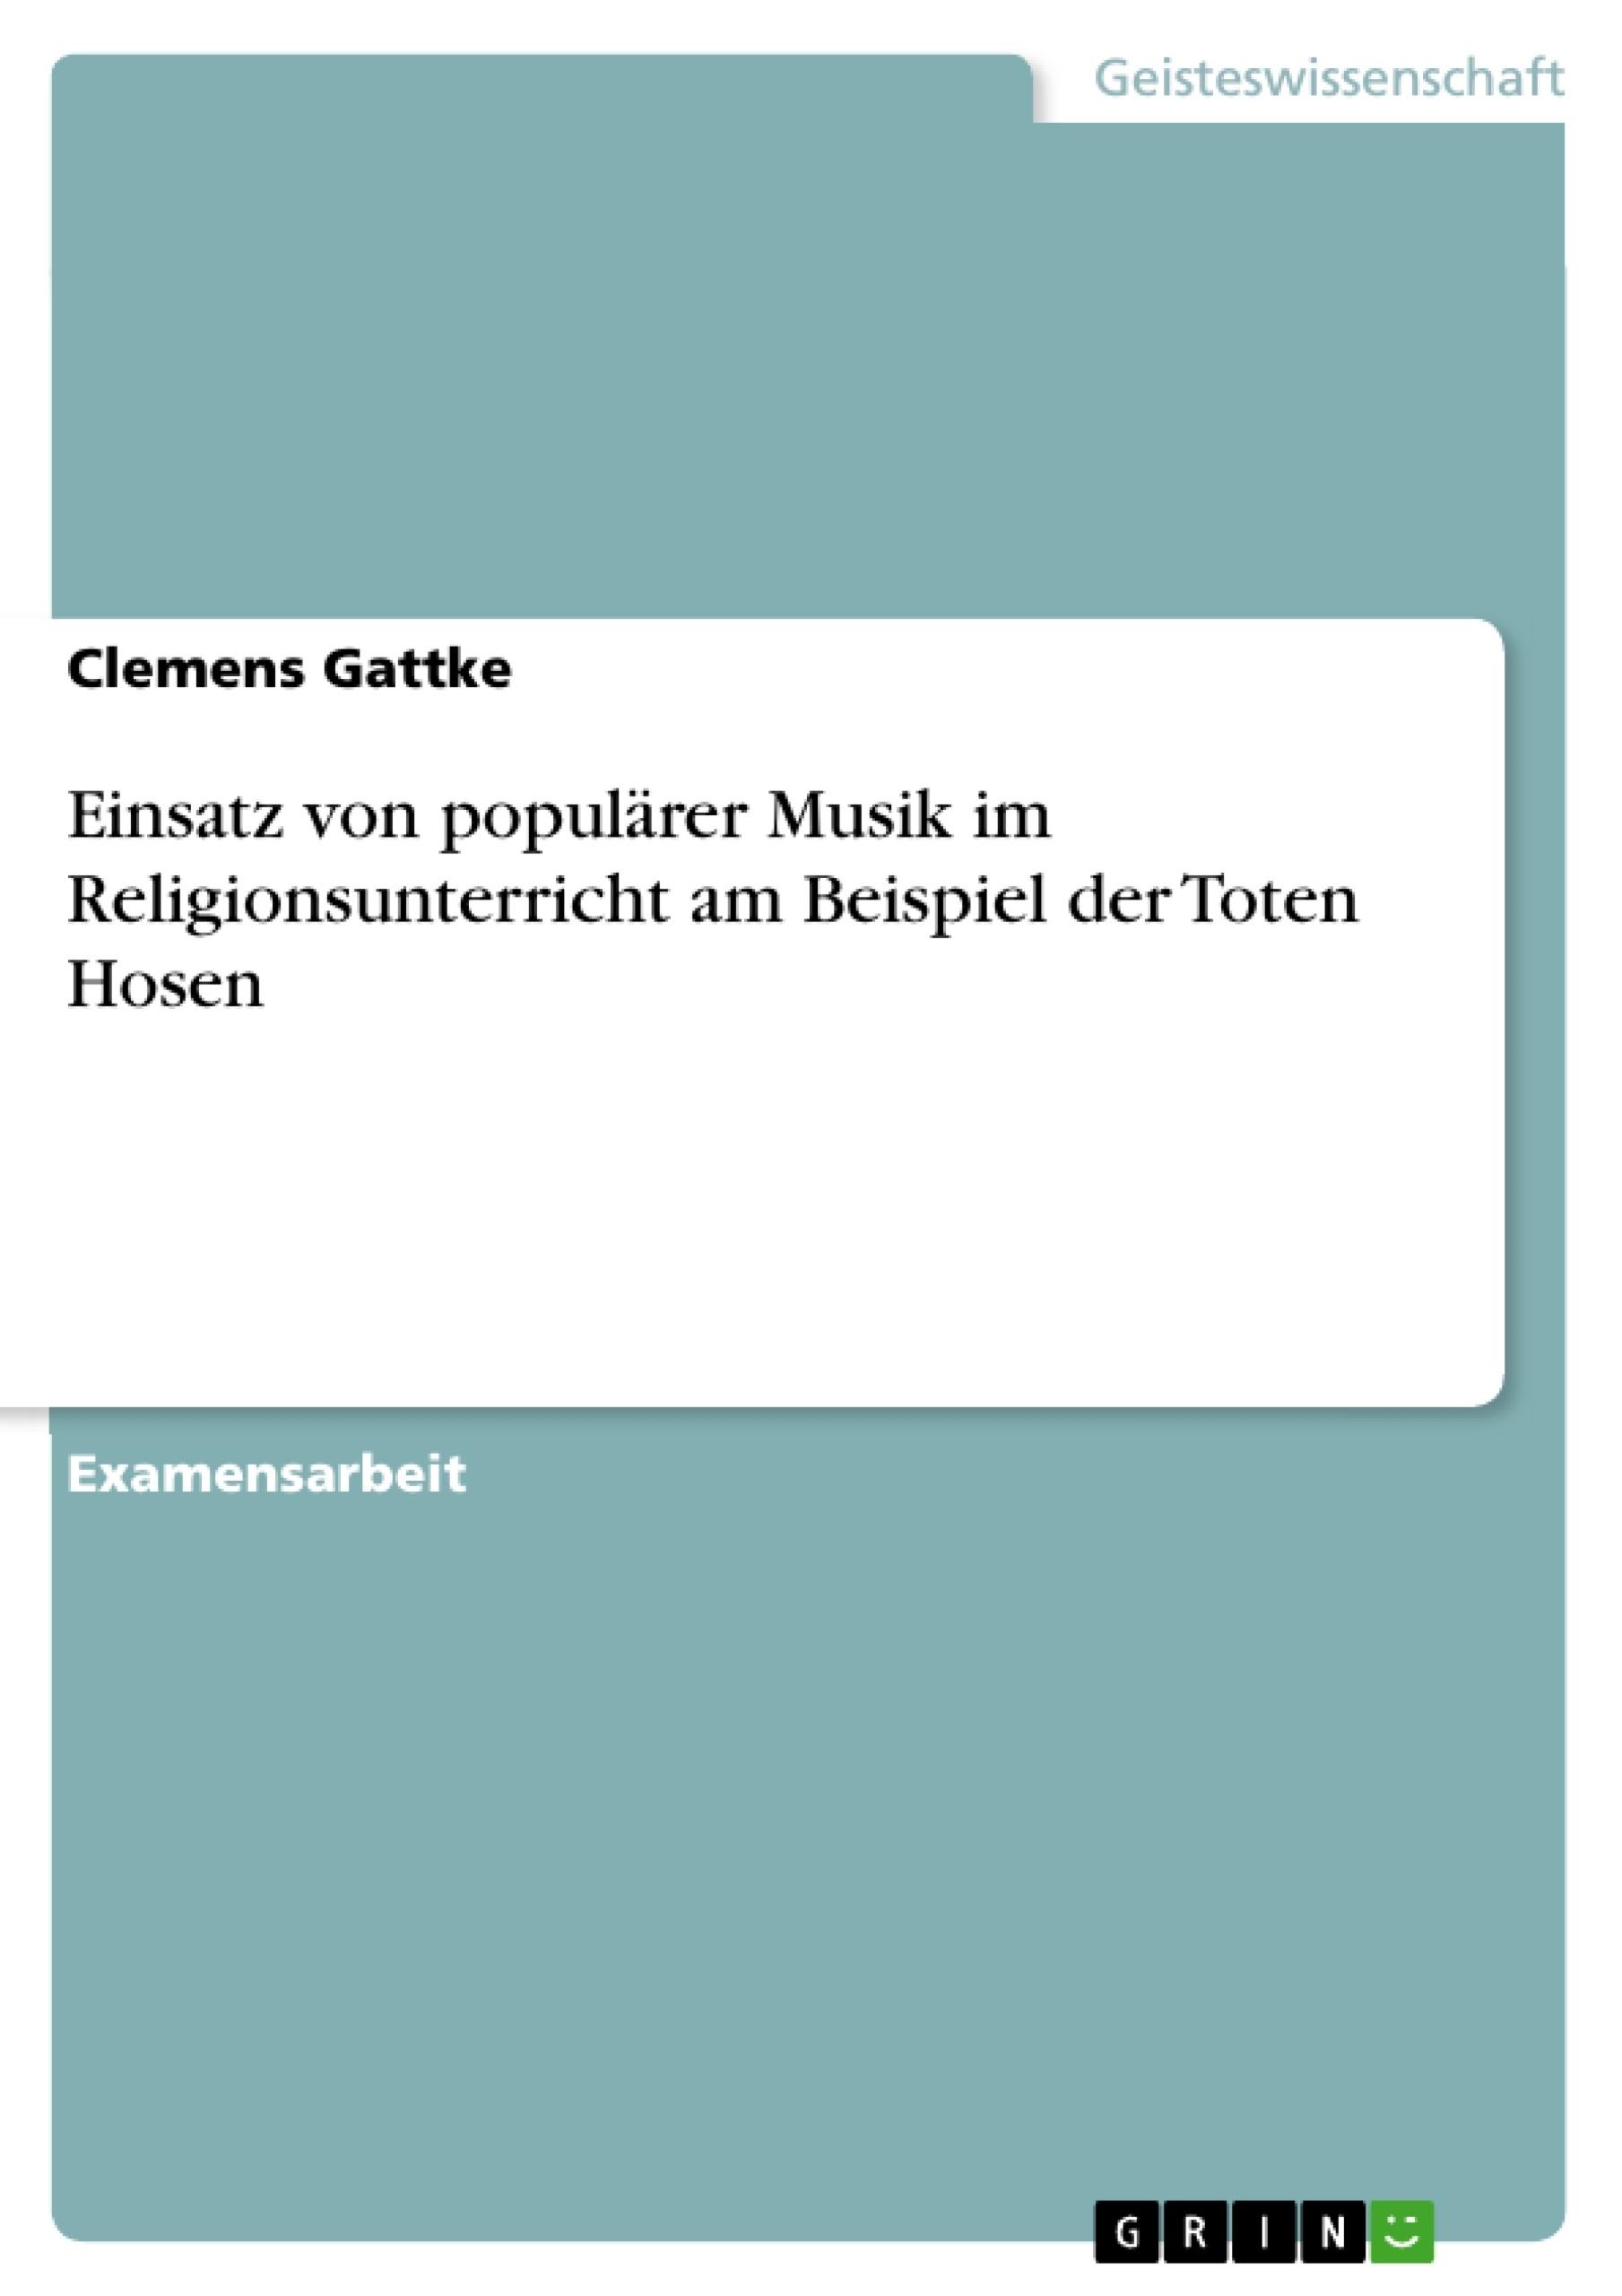 Titel: Einsatz von populärer Musik im Religionsunterricht am Beispiel der Toten Hosen